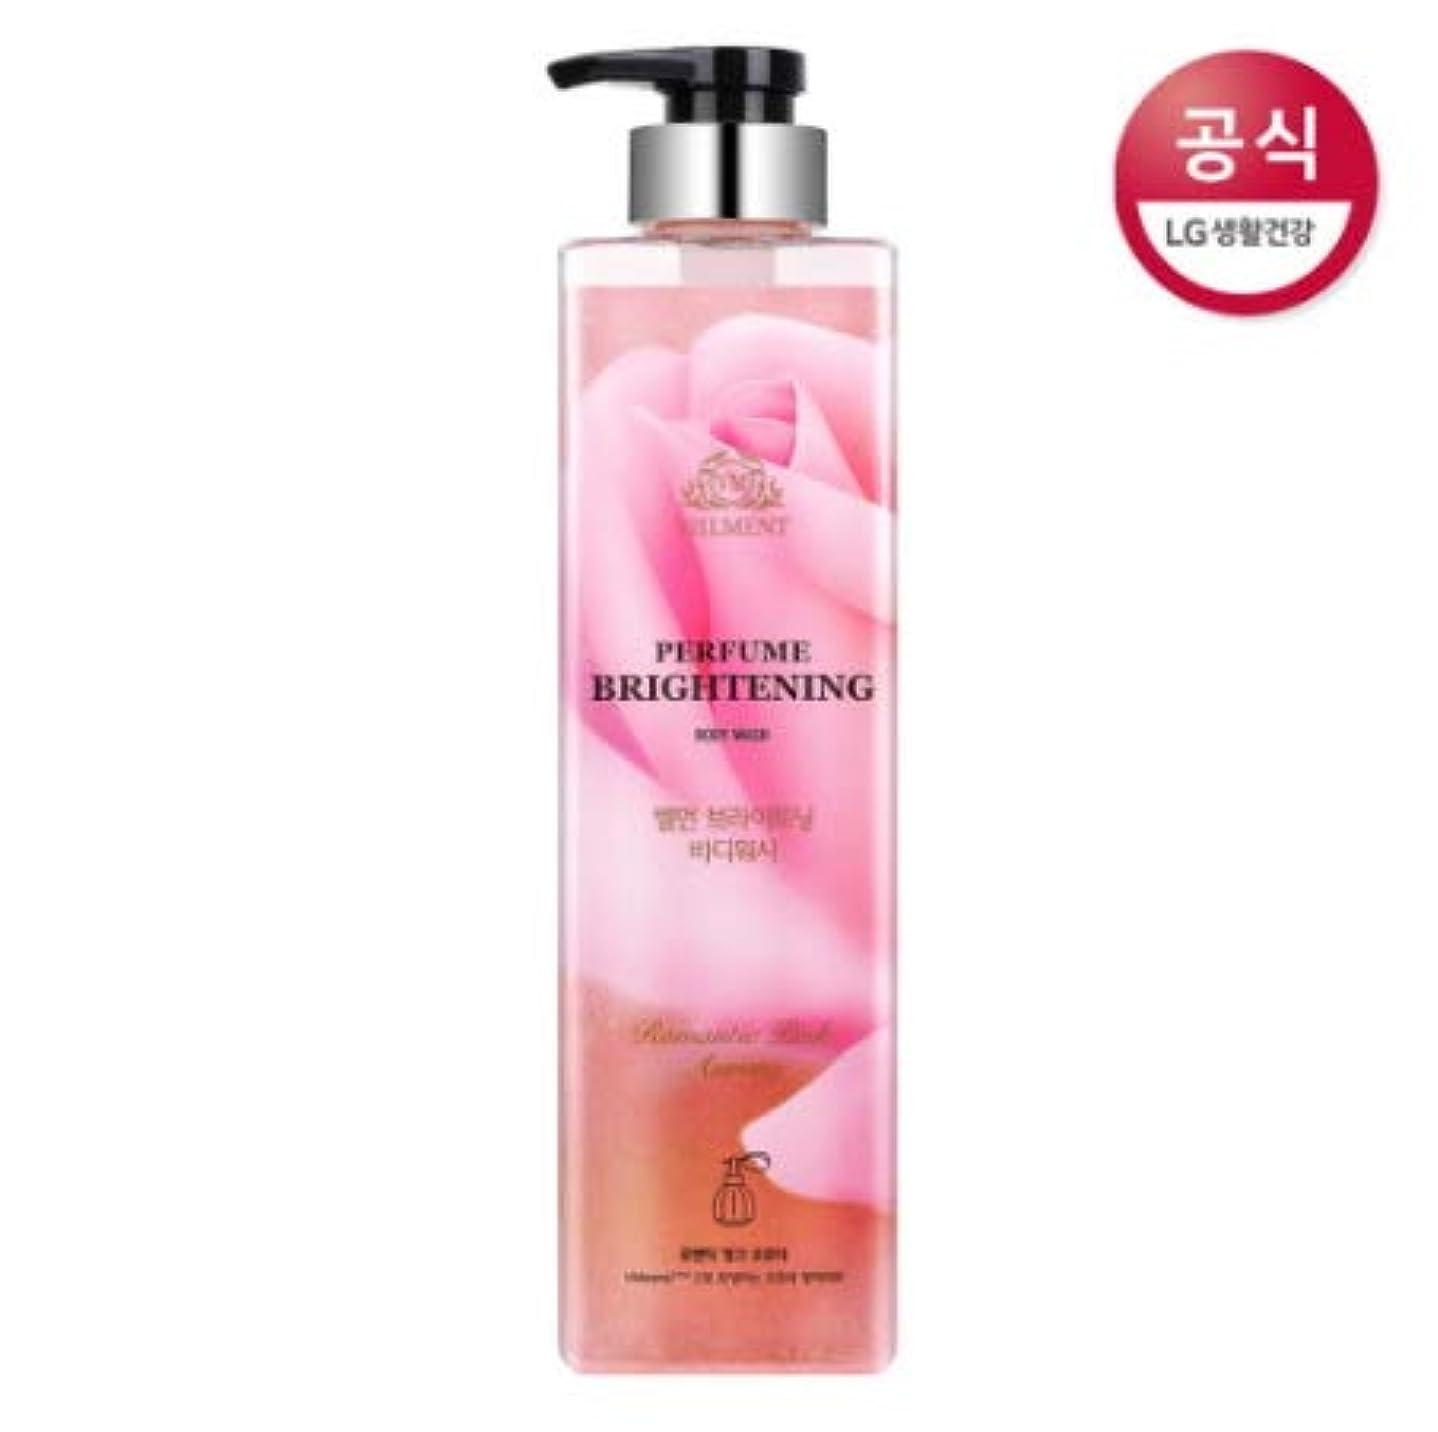 プレフィックス改革脱獄[LG HnB] On the Body Belman Perfume Brightening Body Wash / オンザボディベルモンパフュームブライトニングボディウォッシュ680mlx1個(海外直送品)